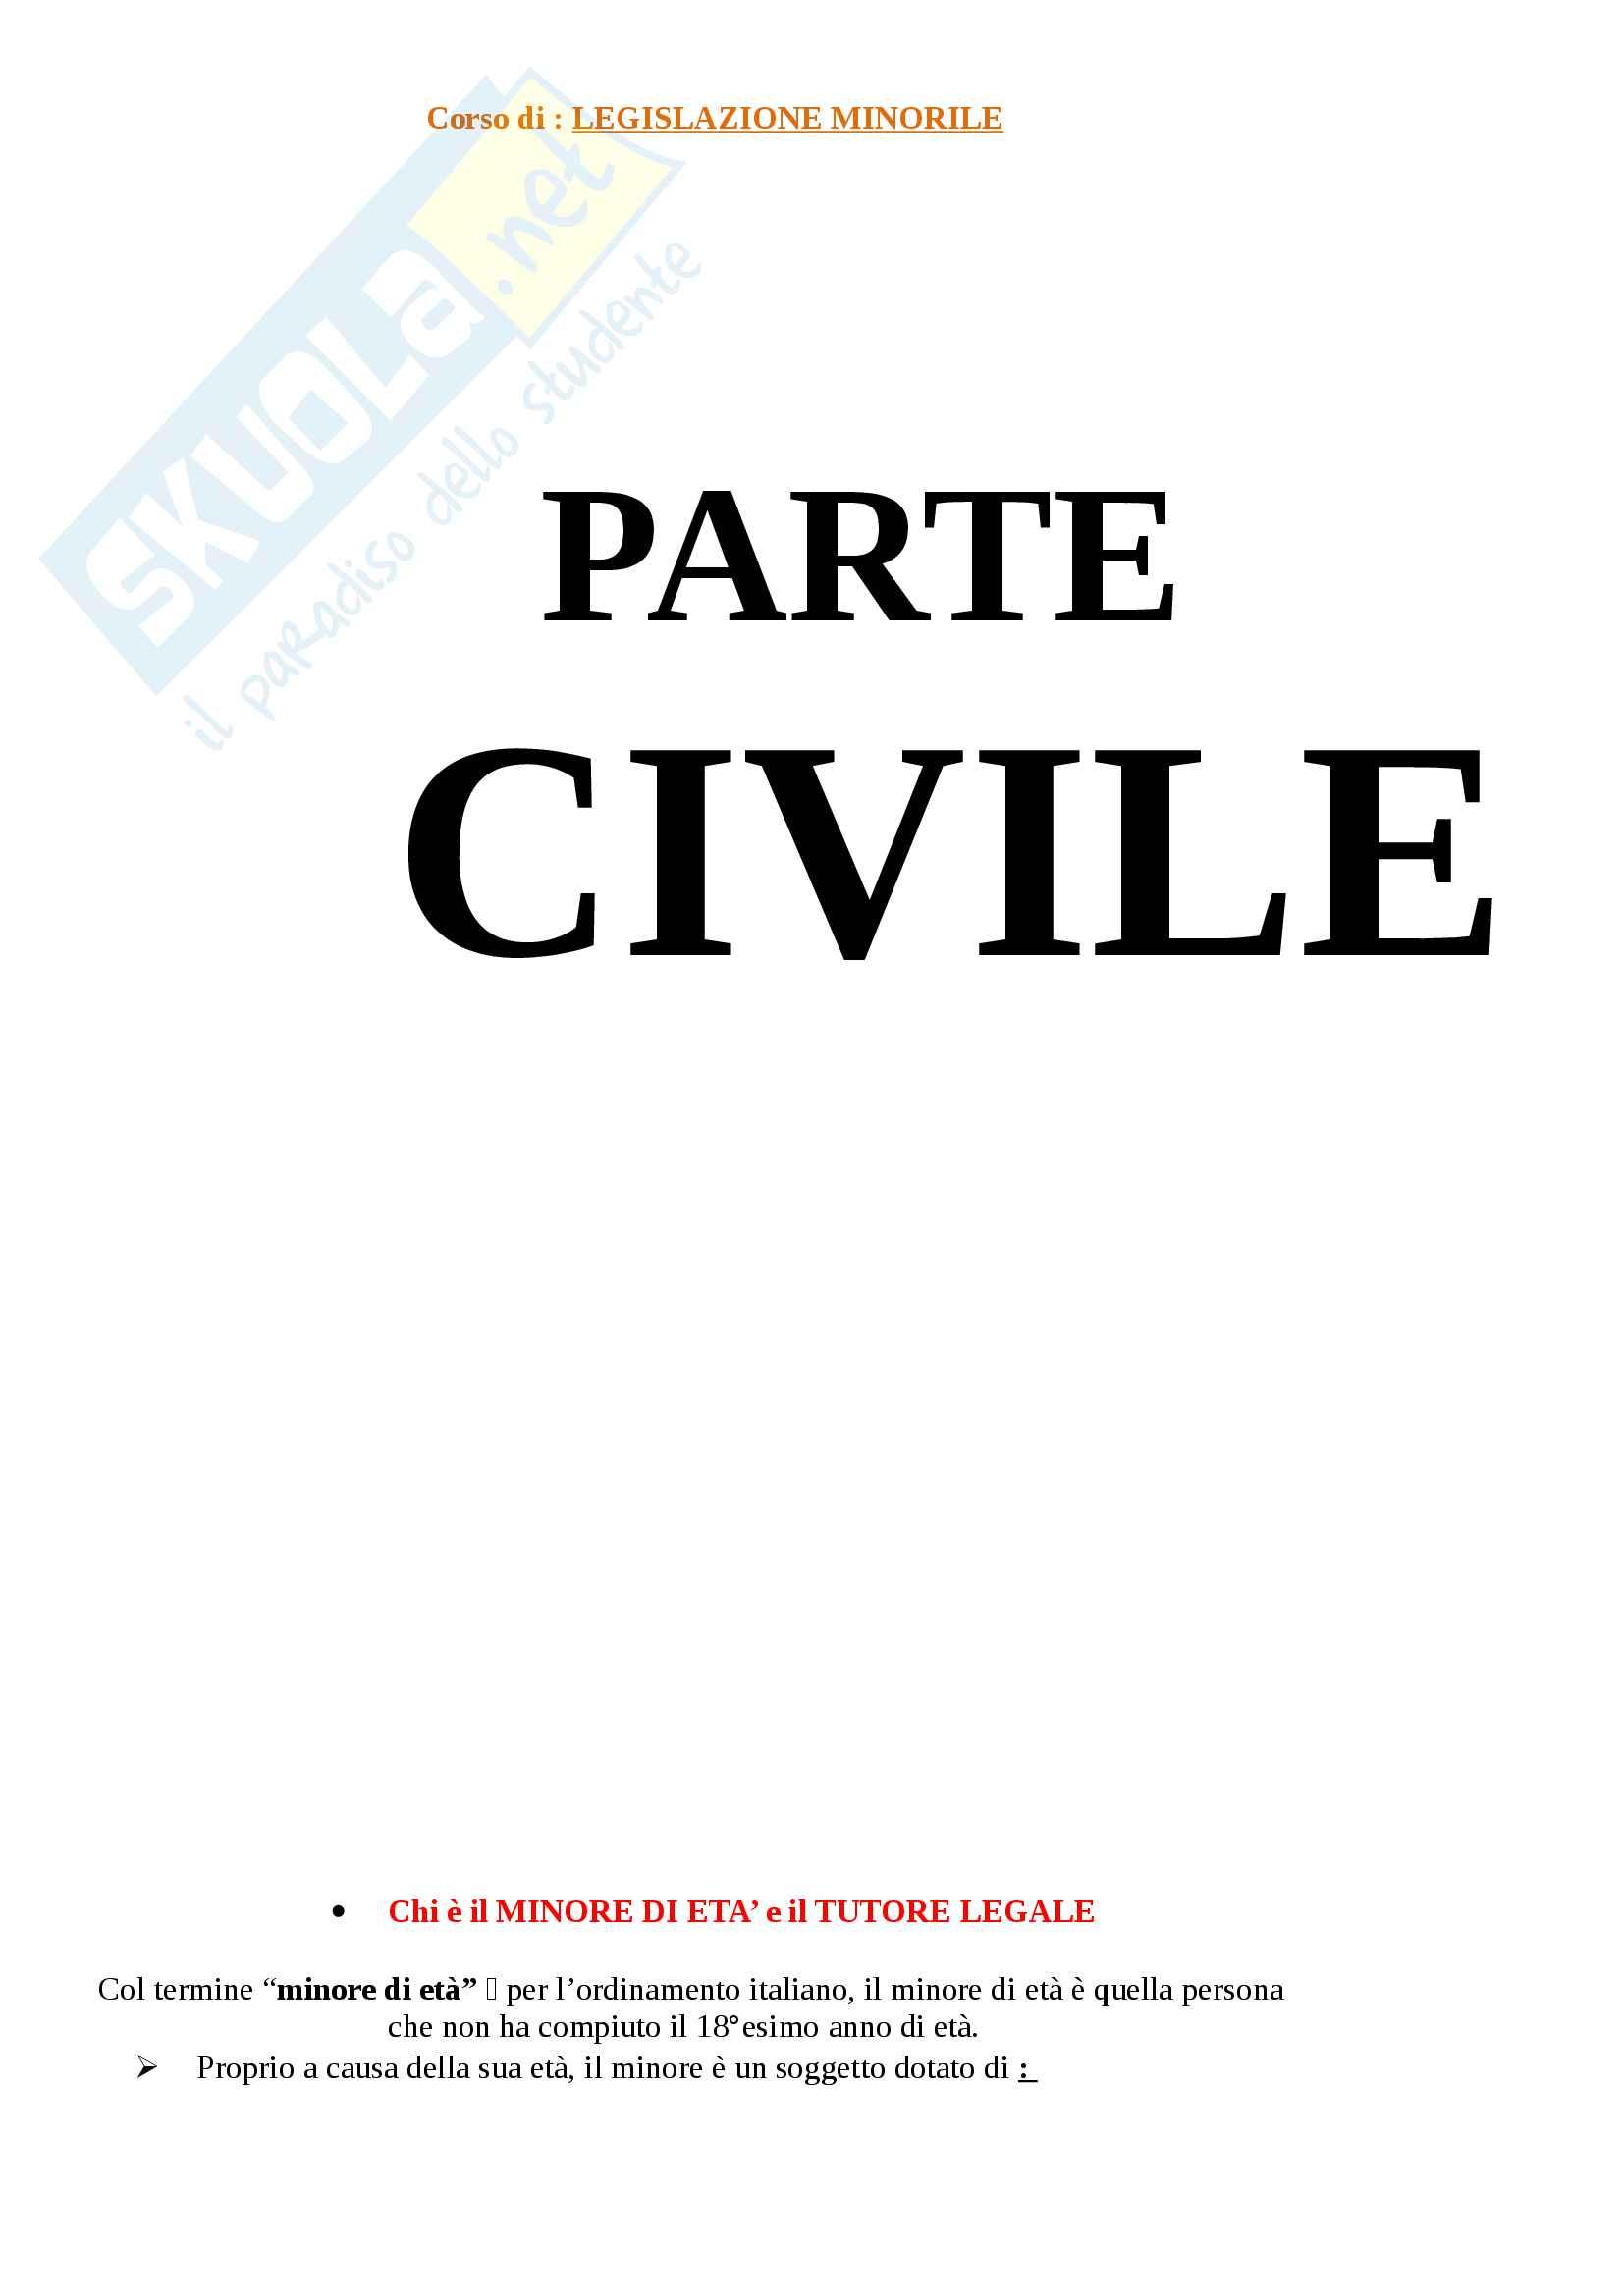 """Riassunto esame Legislazione Minorile, Prof.ssa Bares, Libro consigliato """"Manuale di diritto minorile"""", A.C. Moro"""